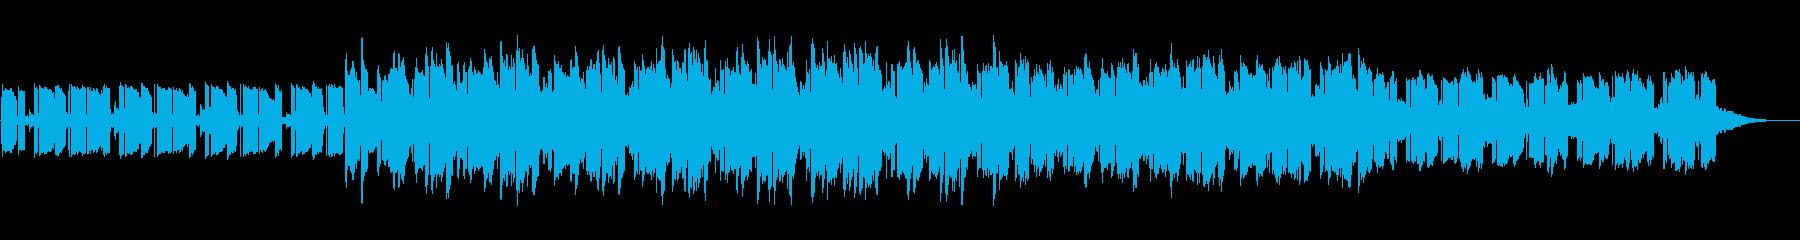 緩やかで淡々としたリズムのテクノポップの再生済みの波形